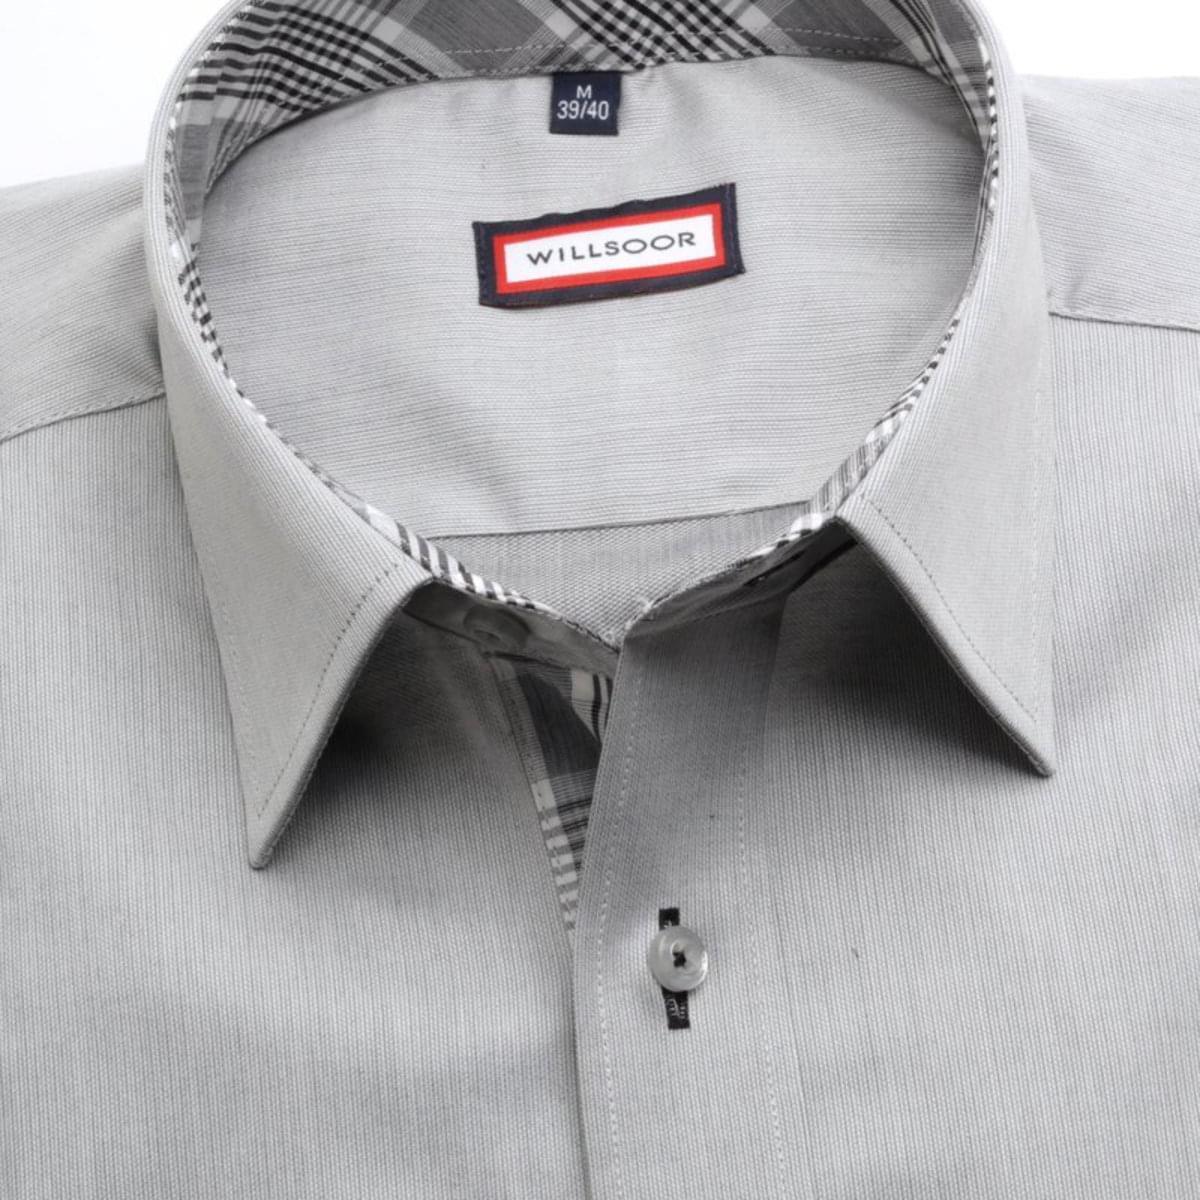 Pánská klasická košile (výška 188-194) 7441 v šedé barvě 188-194 / XL (43/44)